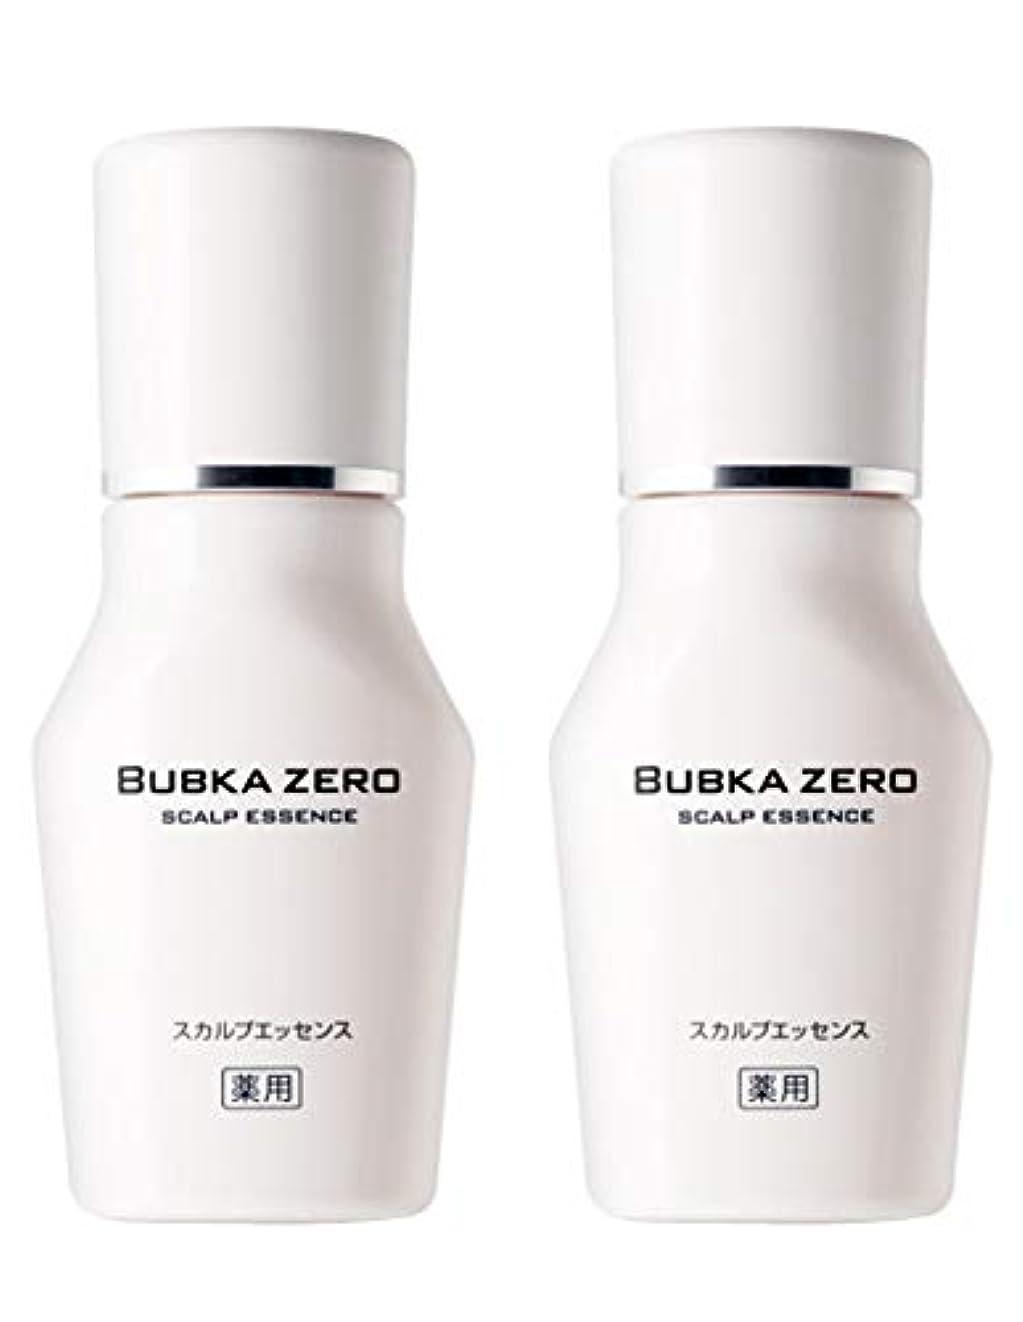 先祖人里離れたびん【医薬部外品】BUBKA(ブブカ)薬用 スカルプエッセンス 育毛剤 BUBKA ZERO (ブブカ ゼロ)2本セット